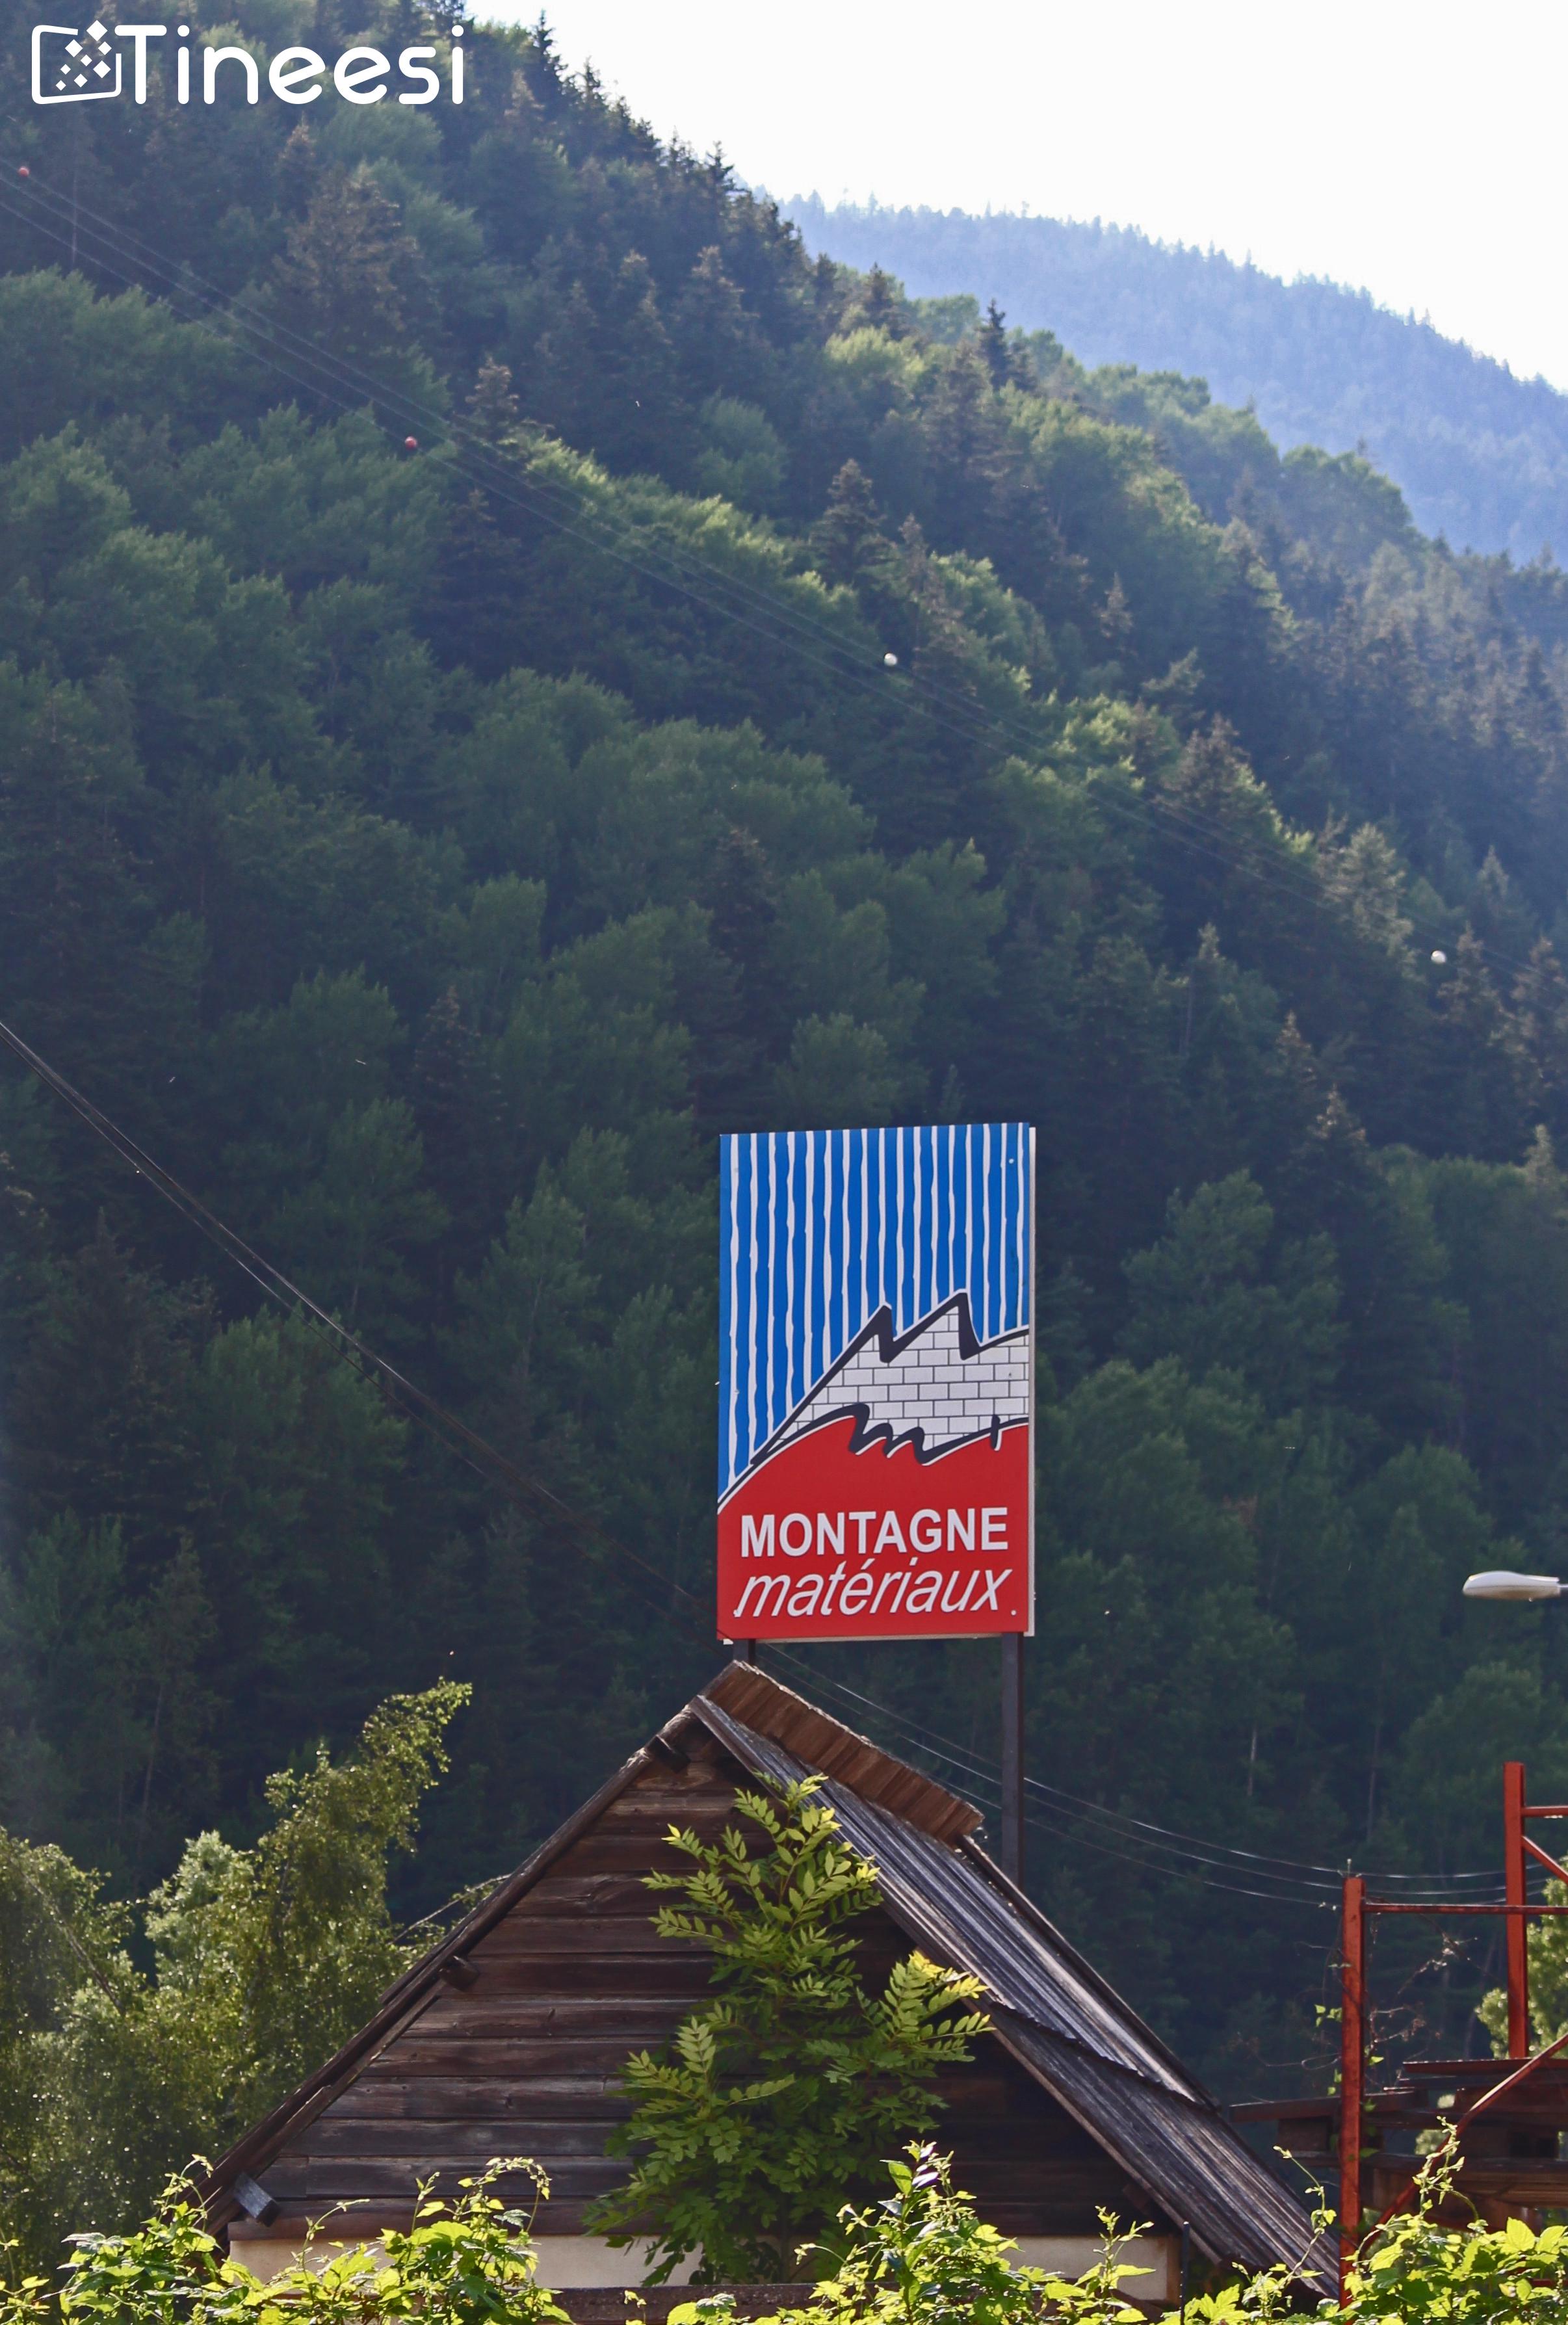 panneau route montagne matériaux_2020